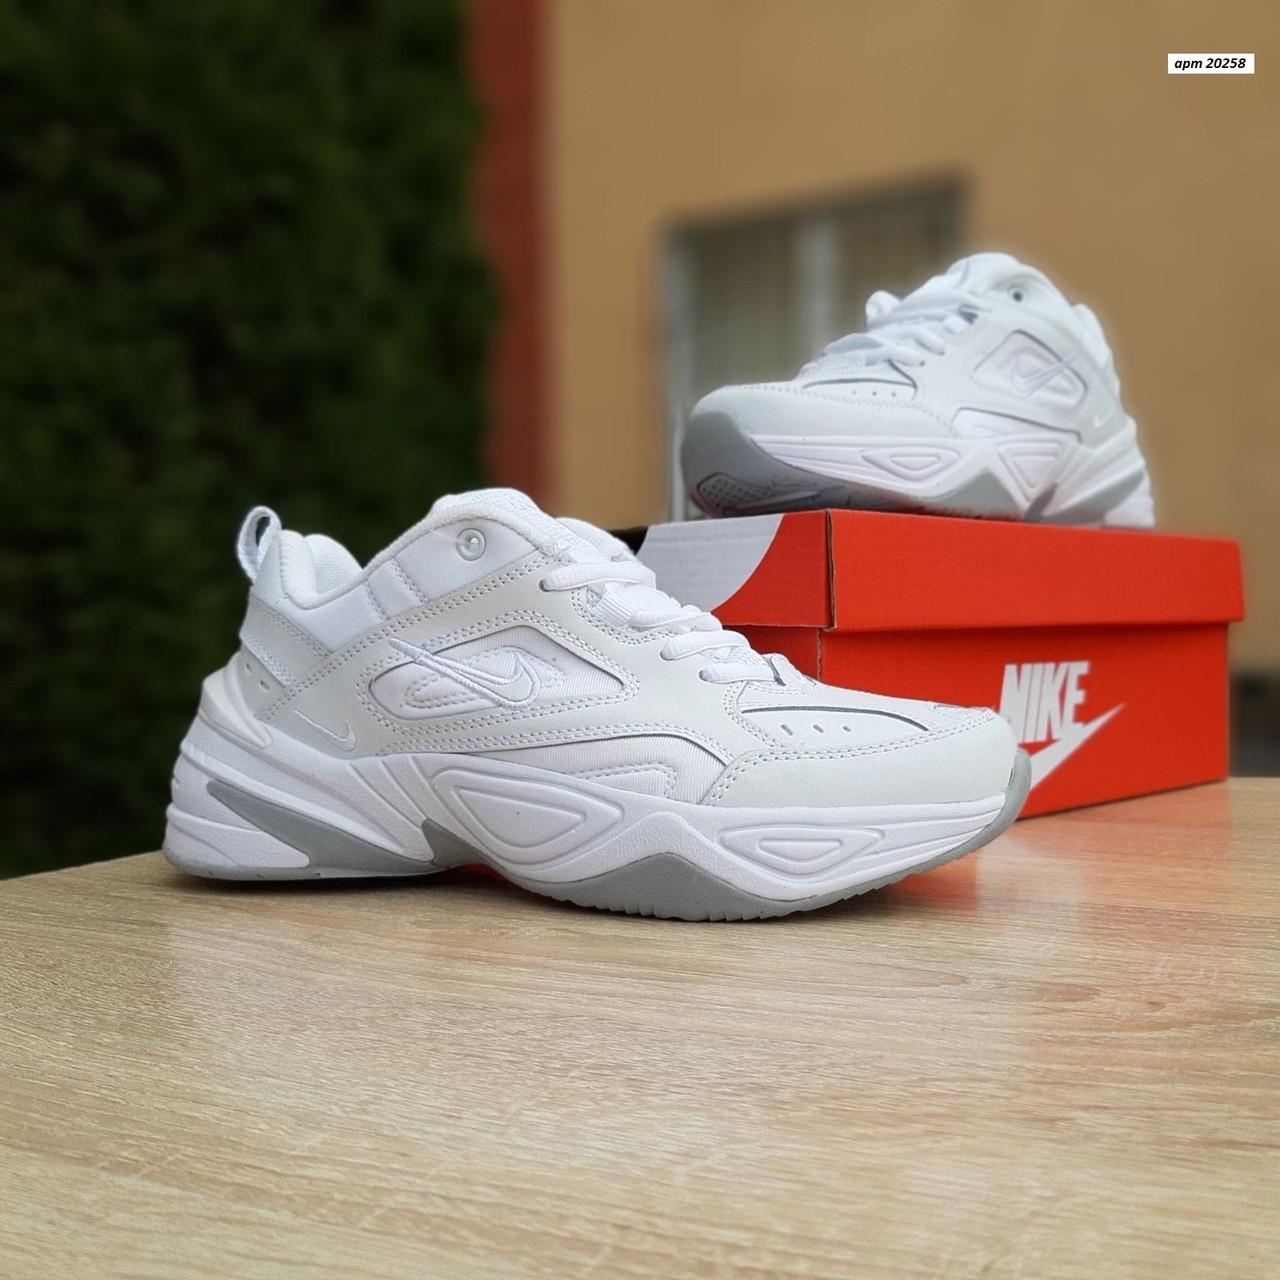 Жіночі кросівки Nike M2K Tekno (білі) 20258 демісезонні низькі шкіряні кроси